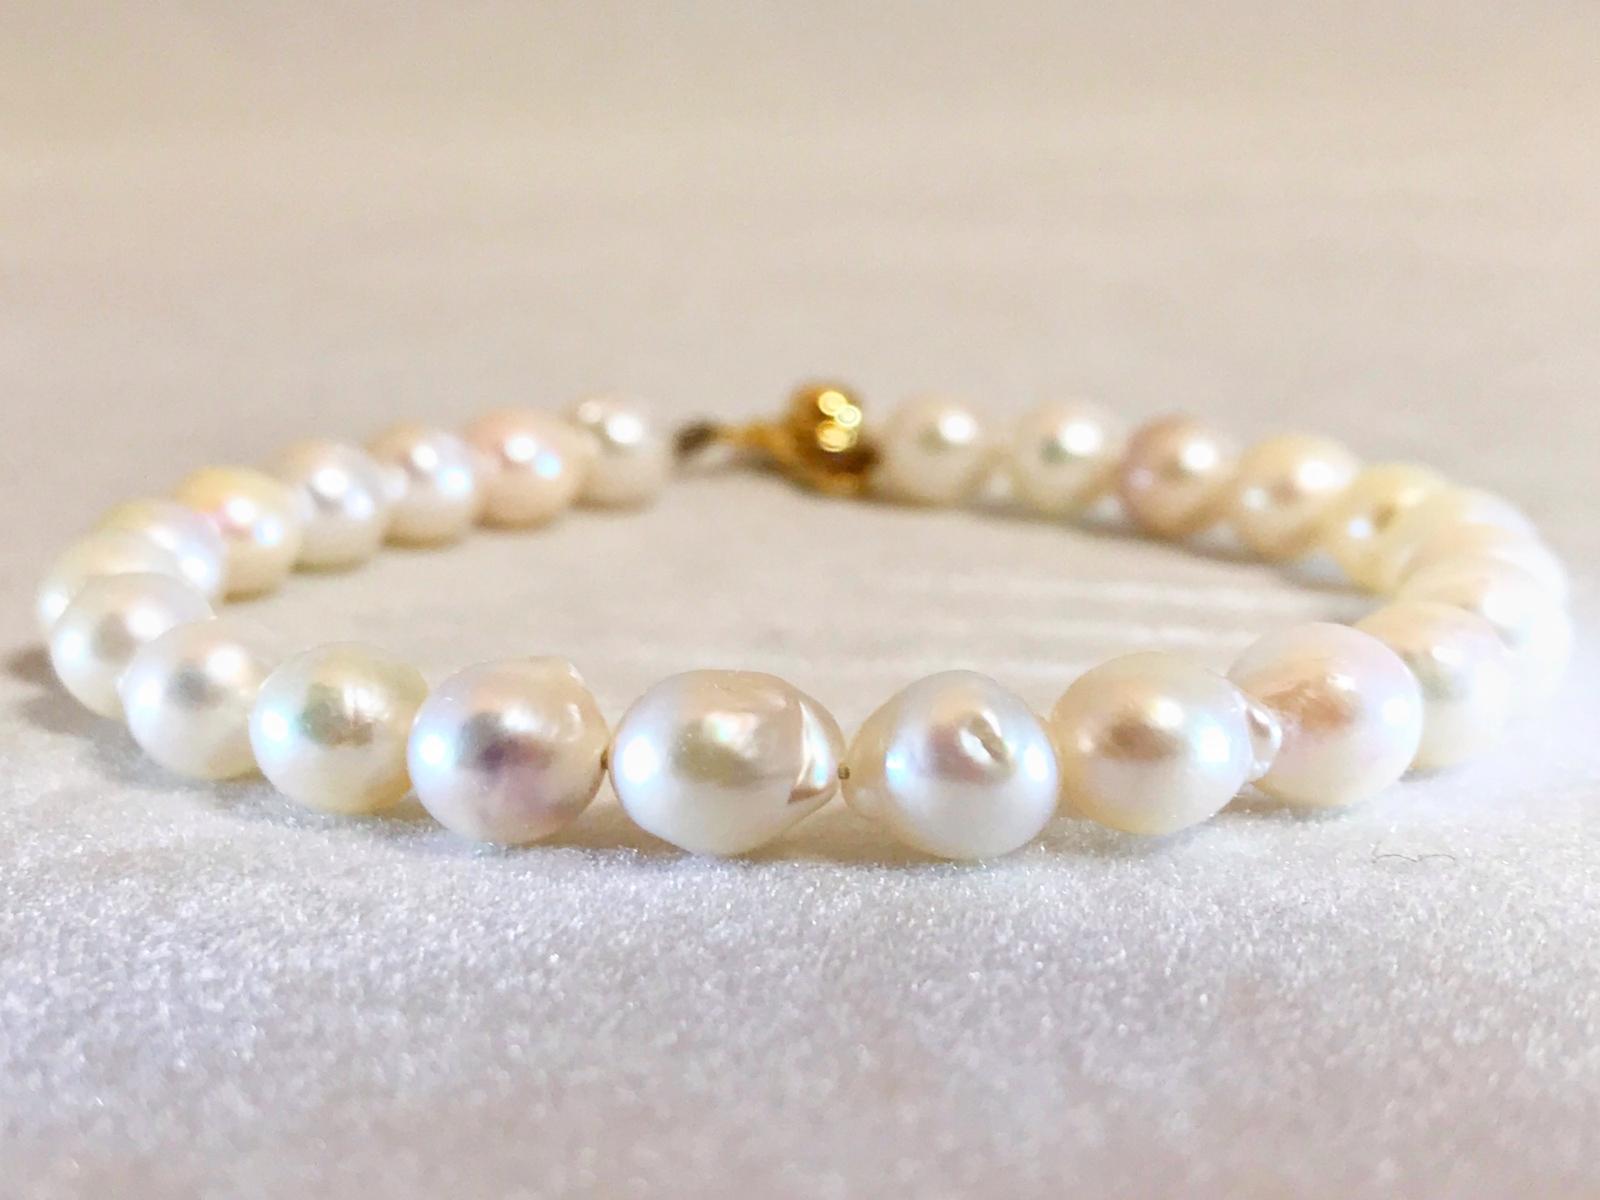 色目の良い天然のアコヤ真珠が入荷しました てり 新着セール 巻き 色 ともに高品質です 天然 アコヤ 直営店 真珠 16cm 24玉ワイヤーブレスレット おすすめです ワイヤーブレスレットのため伸びがございません 手首周り16cm以下の方に Sサイズ パール6.5mm